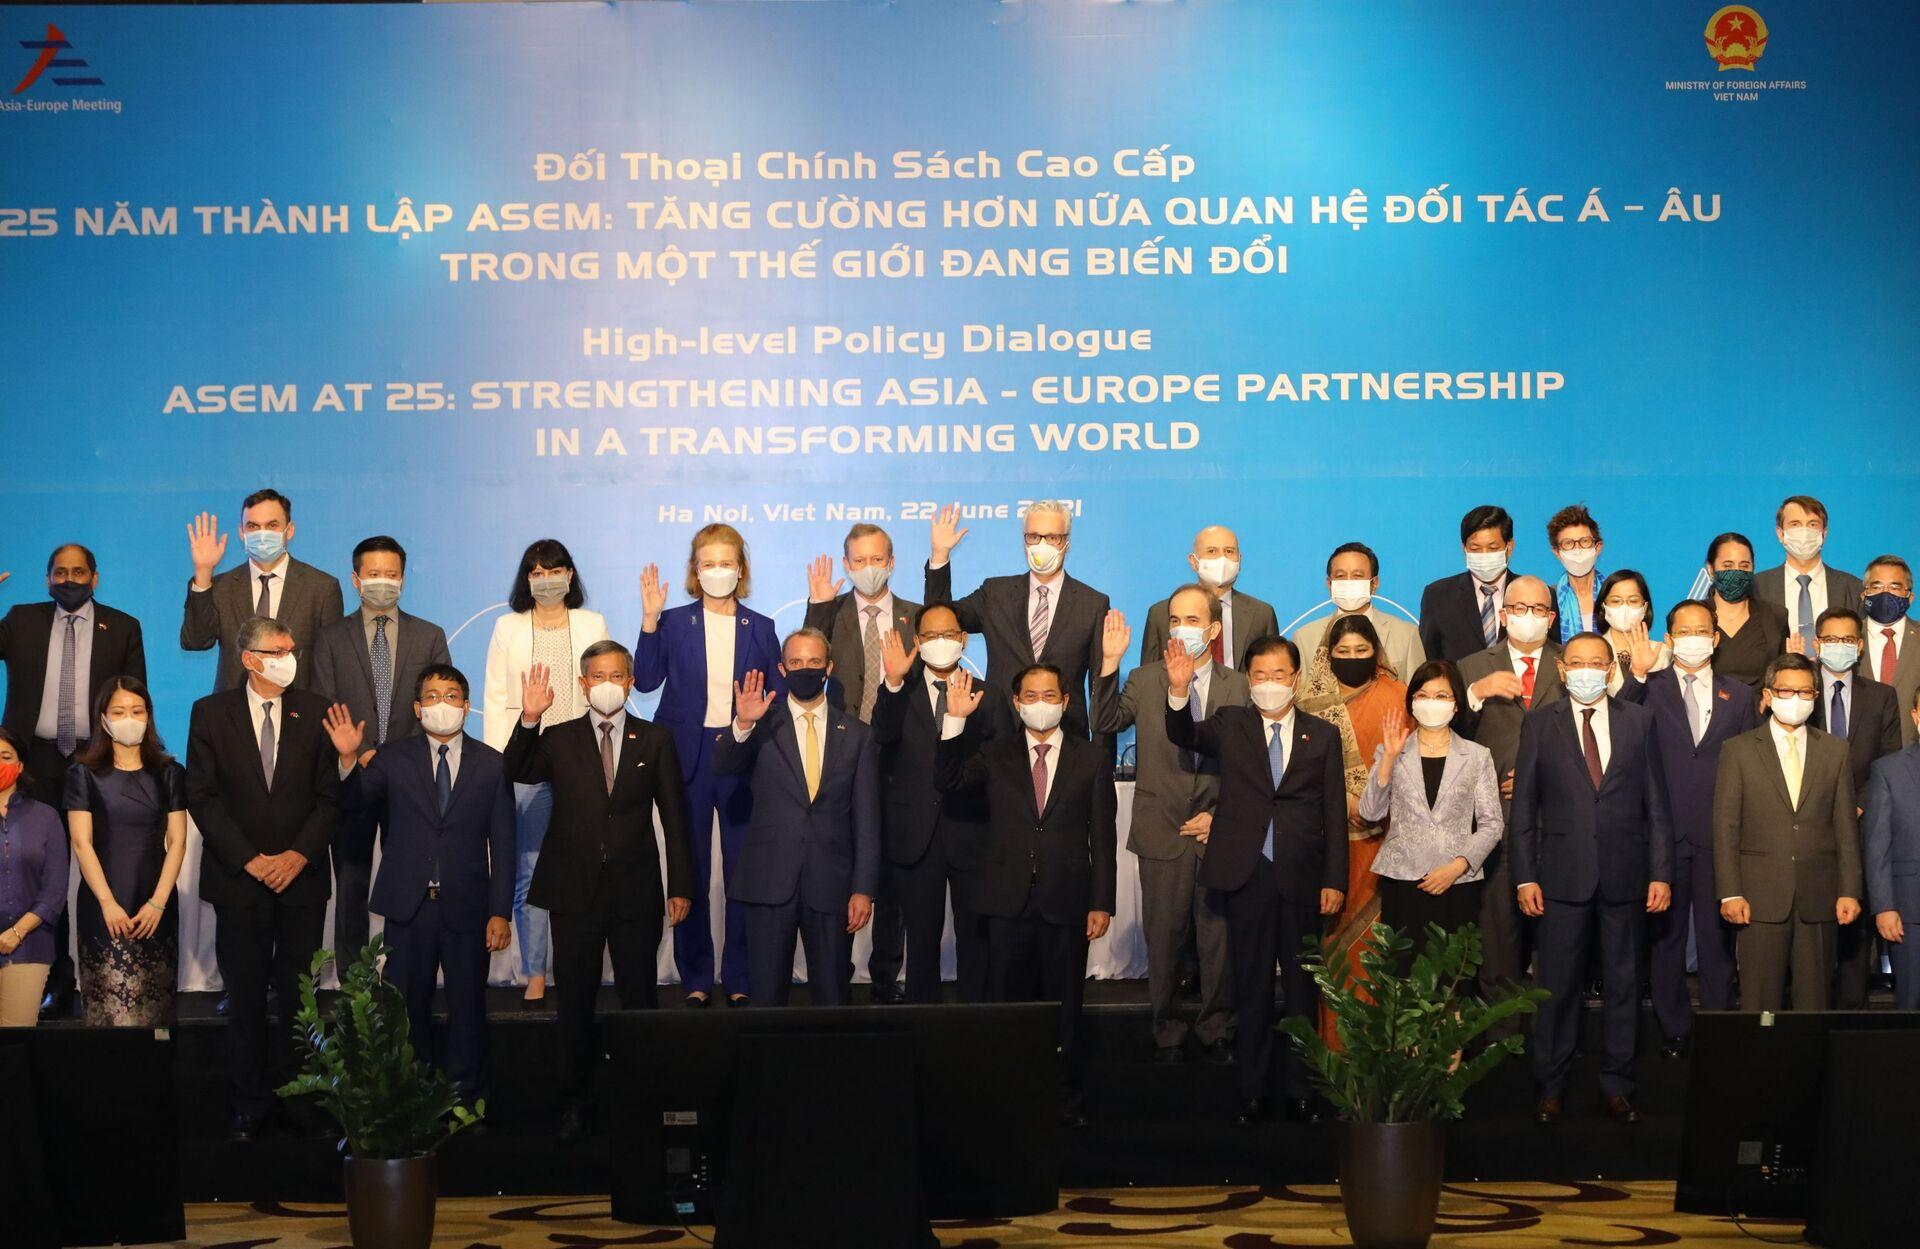 Bộ trưởng Ngoại giao tổng kết những then chốt trong Hợp tác Á-Âu - Sputnik Việt Nam, 1920, 24.06.2021